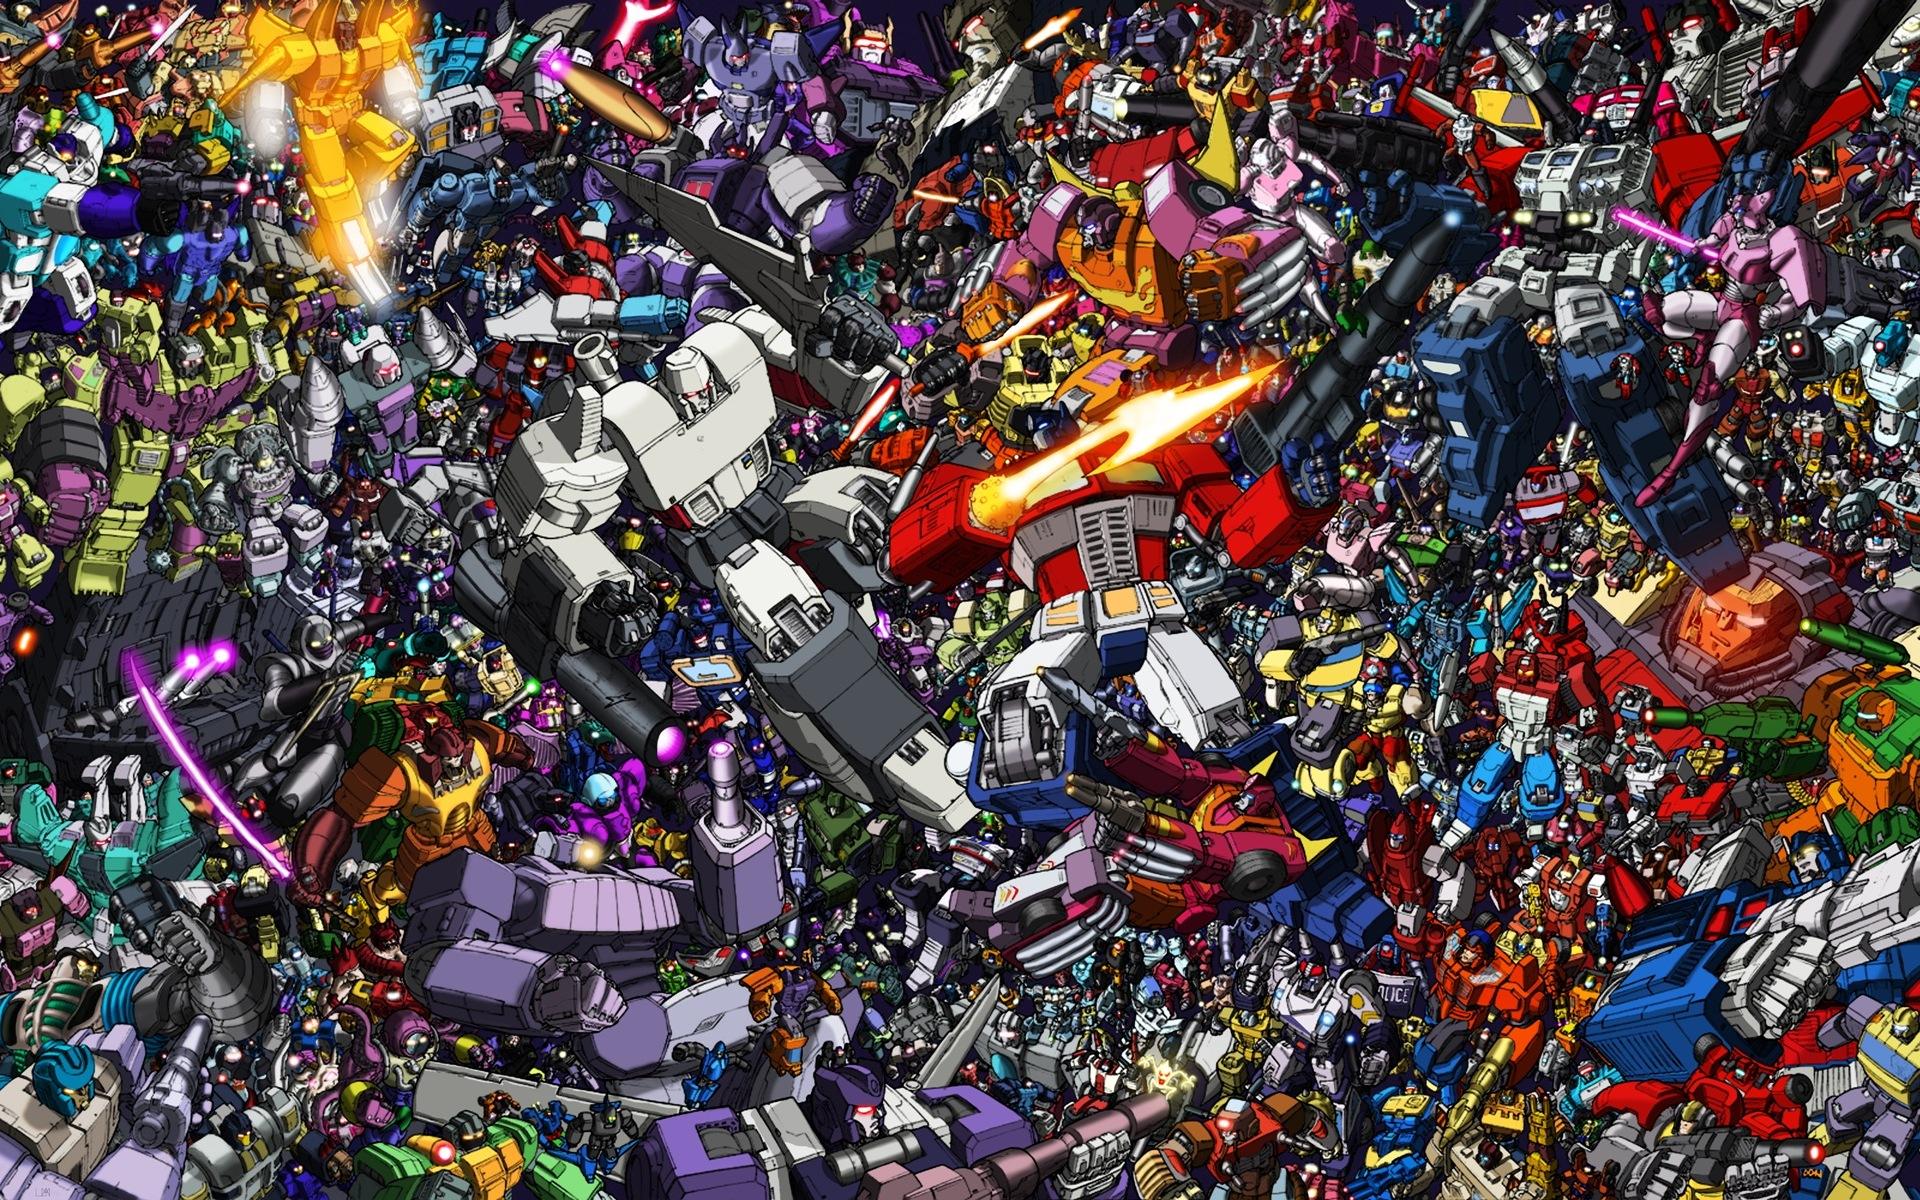 49 ] Transformers Wallpaper For Puter On WallpaperSafari